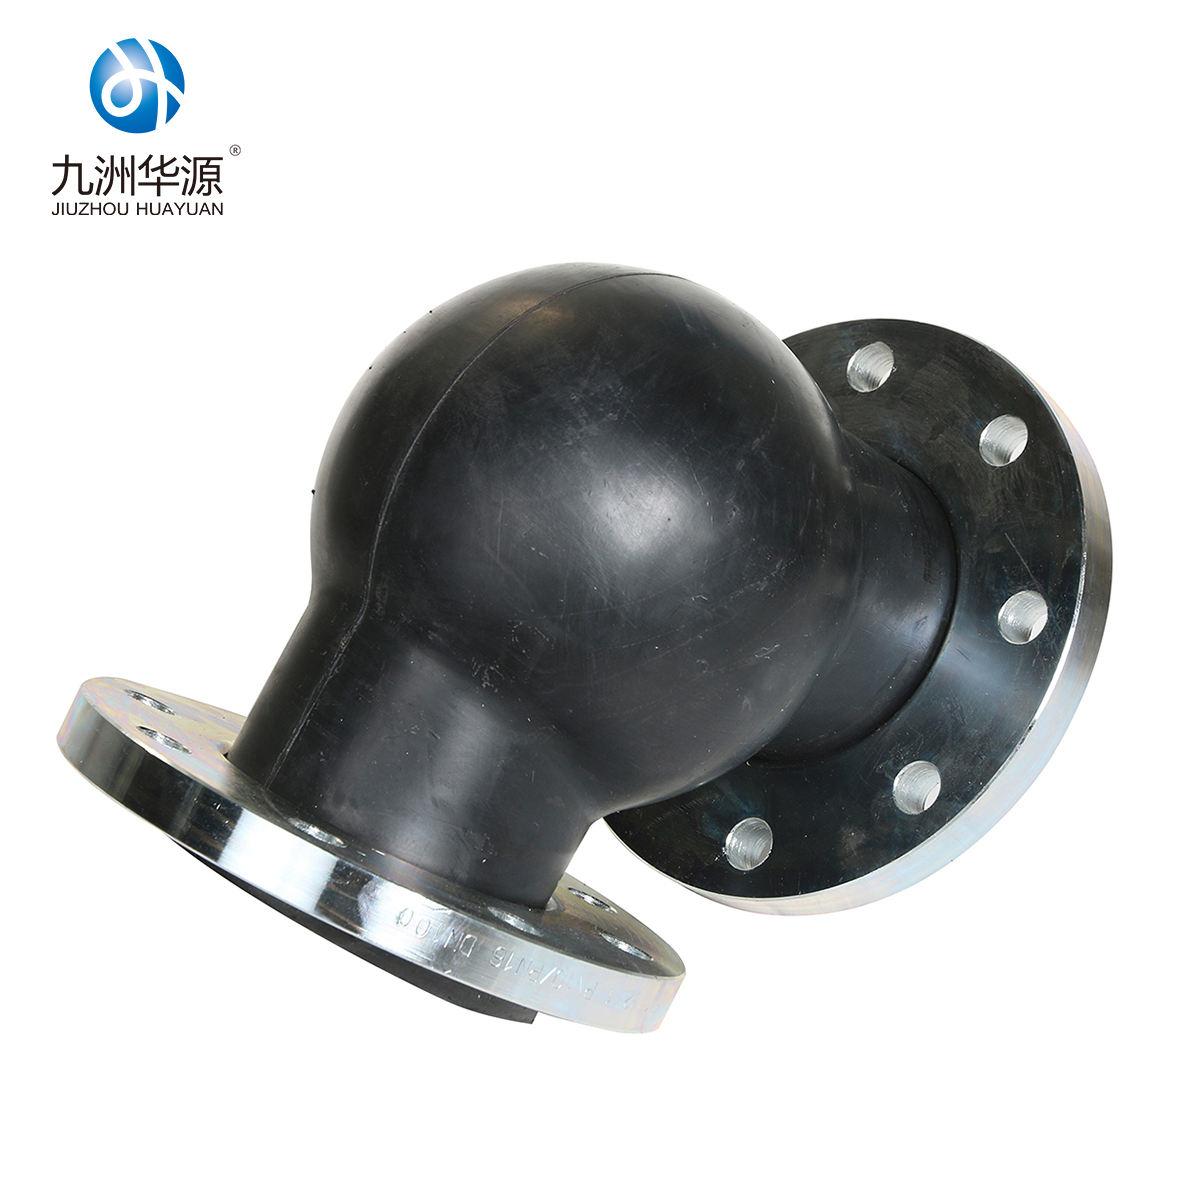 Huayuan локоть резиновые трубы фабрика водоснабжения <span class=keywords><strong>сантехника</strong></span>